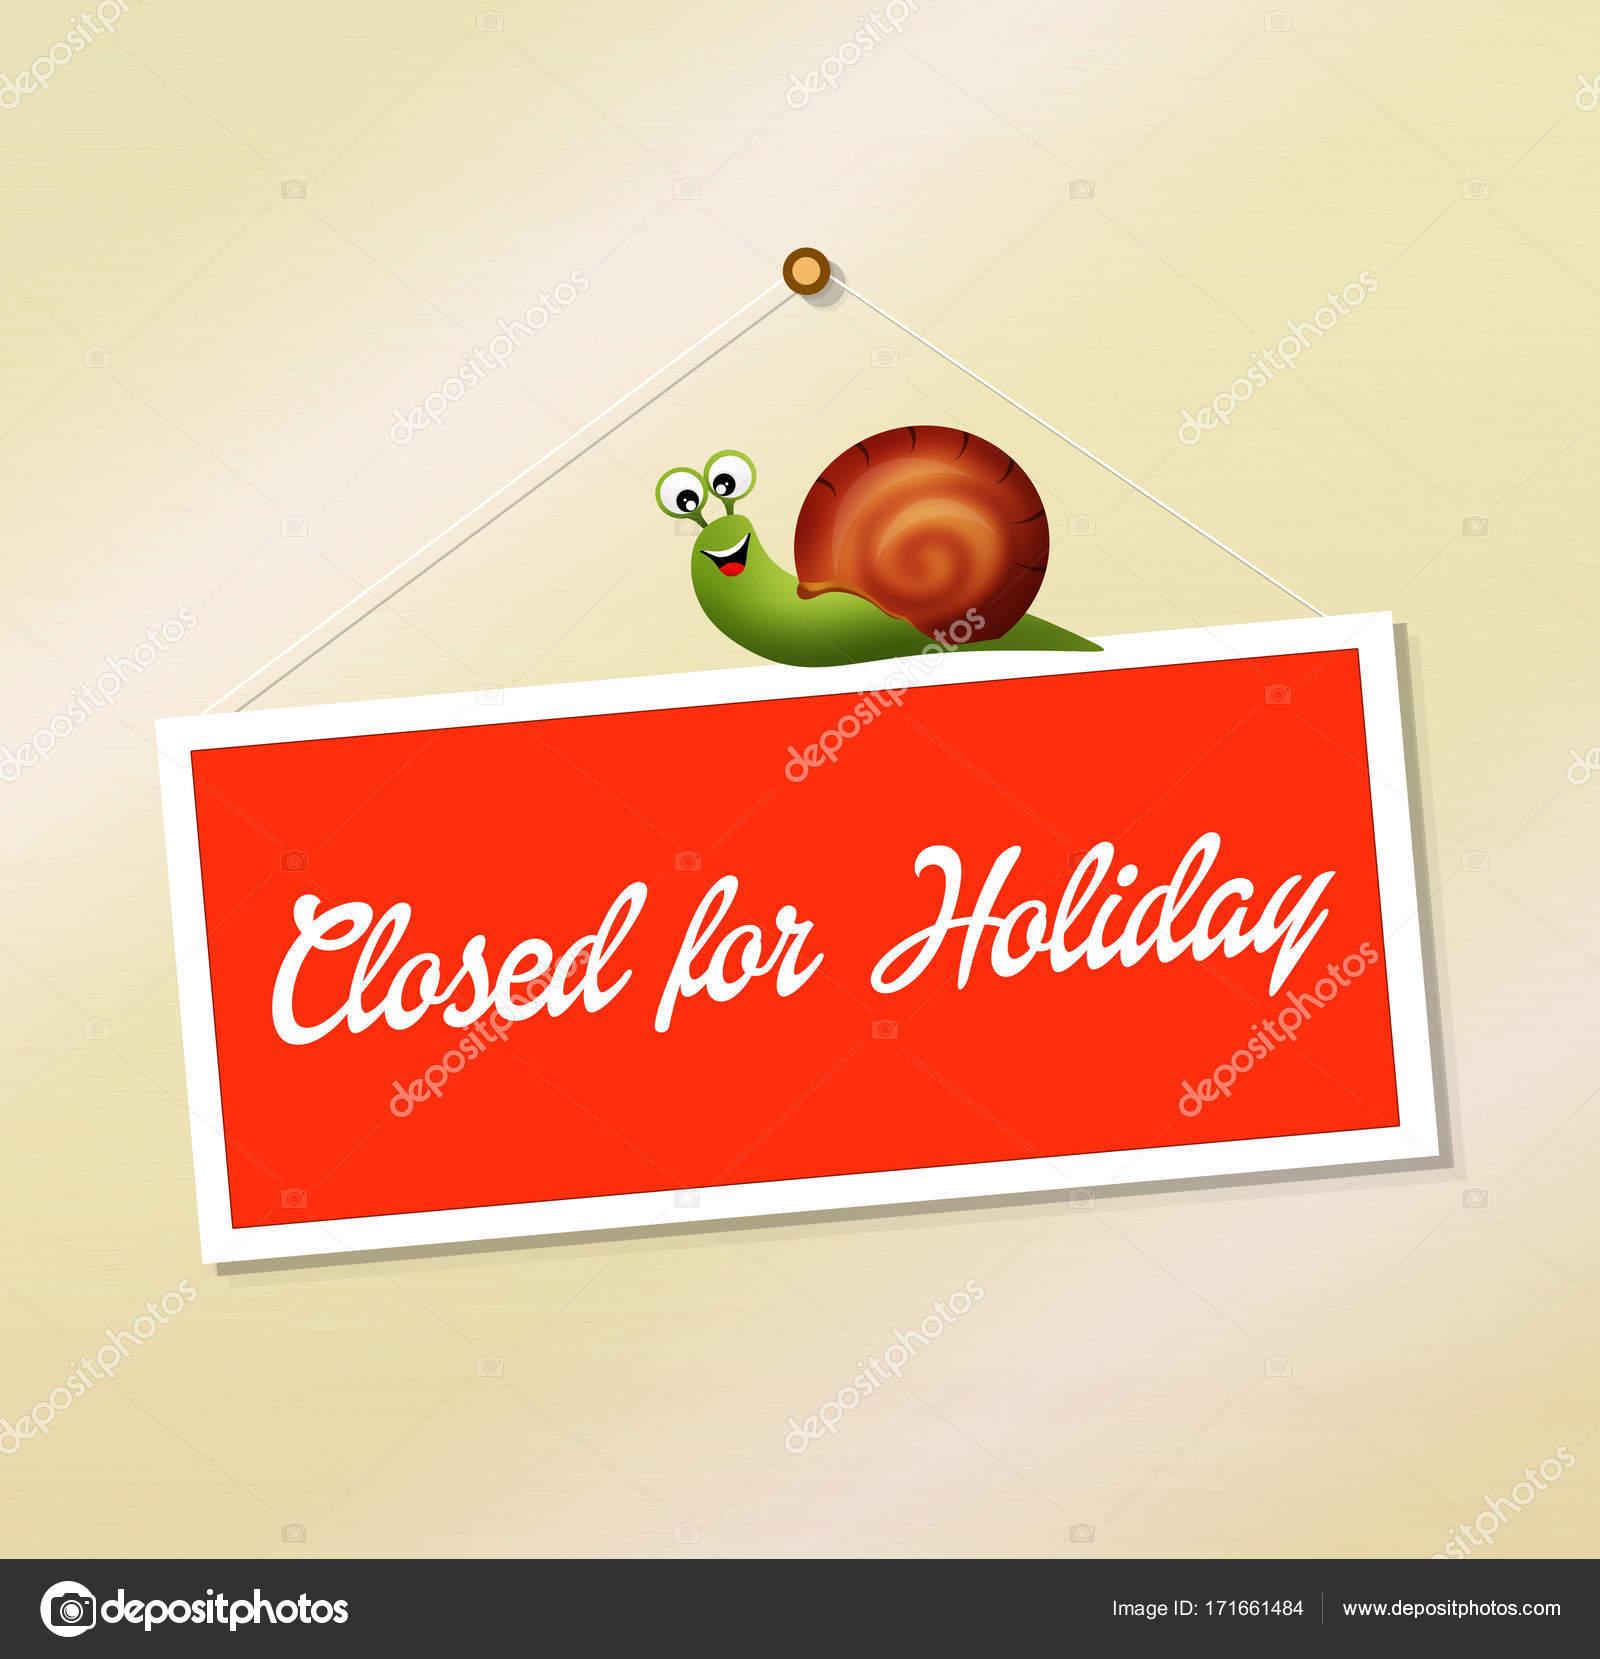 Cerrado por vacaciones fotos de stock adrenalina 171661484 cerrado por vacaciones fotos de stock thecheapjerseys Choice Image